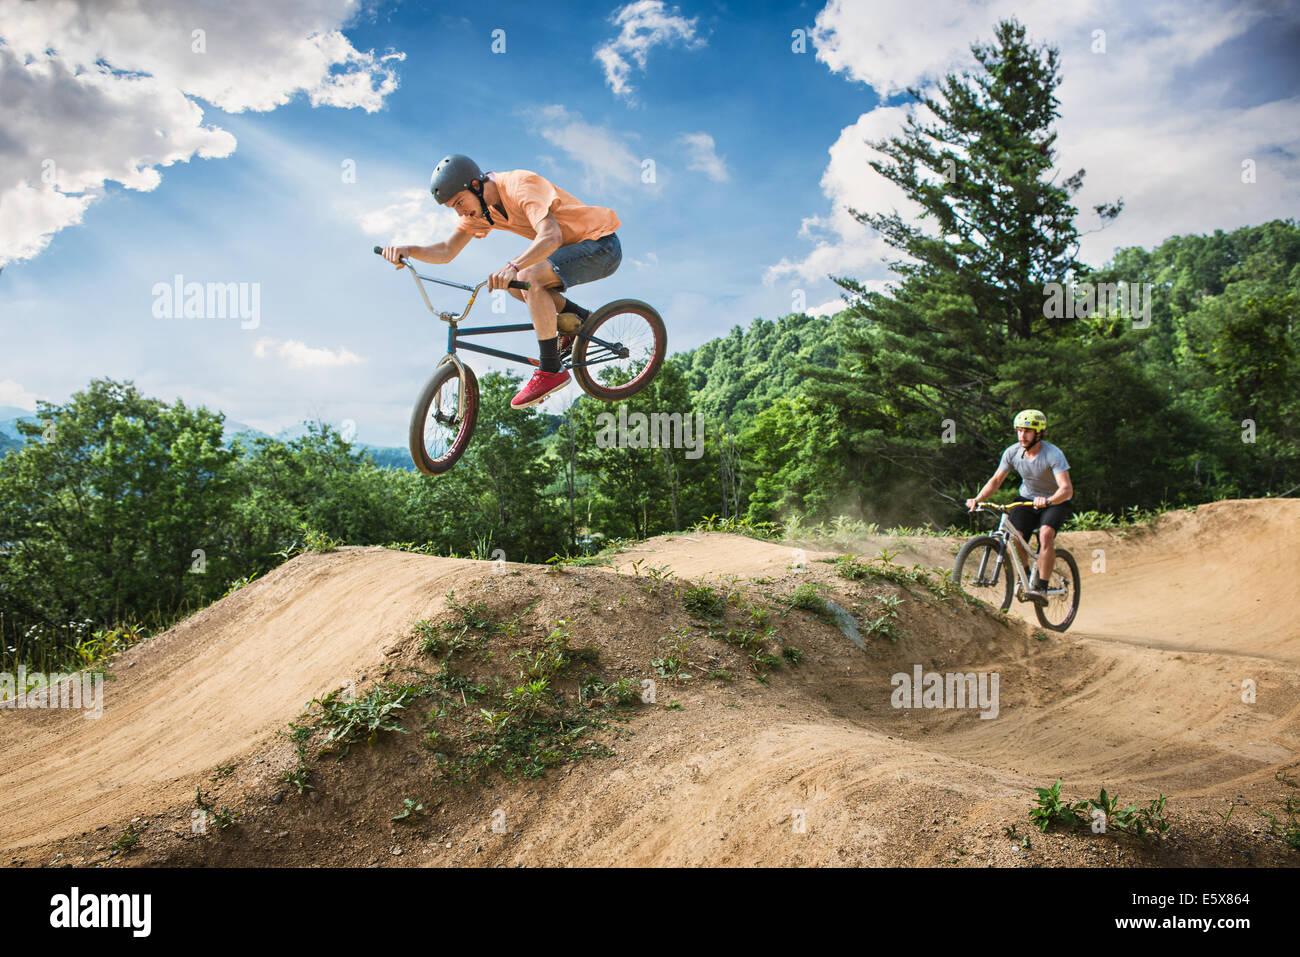 Deux amis équitation et VTT BMX sur pompe voie rurale Photo Stock